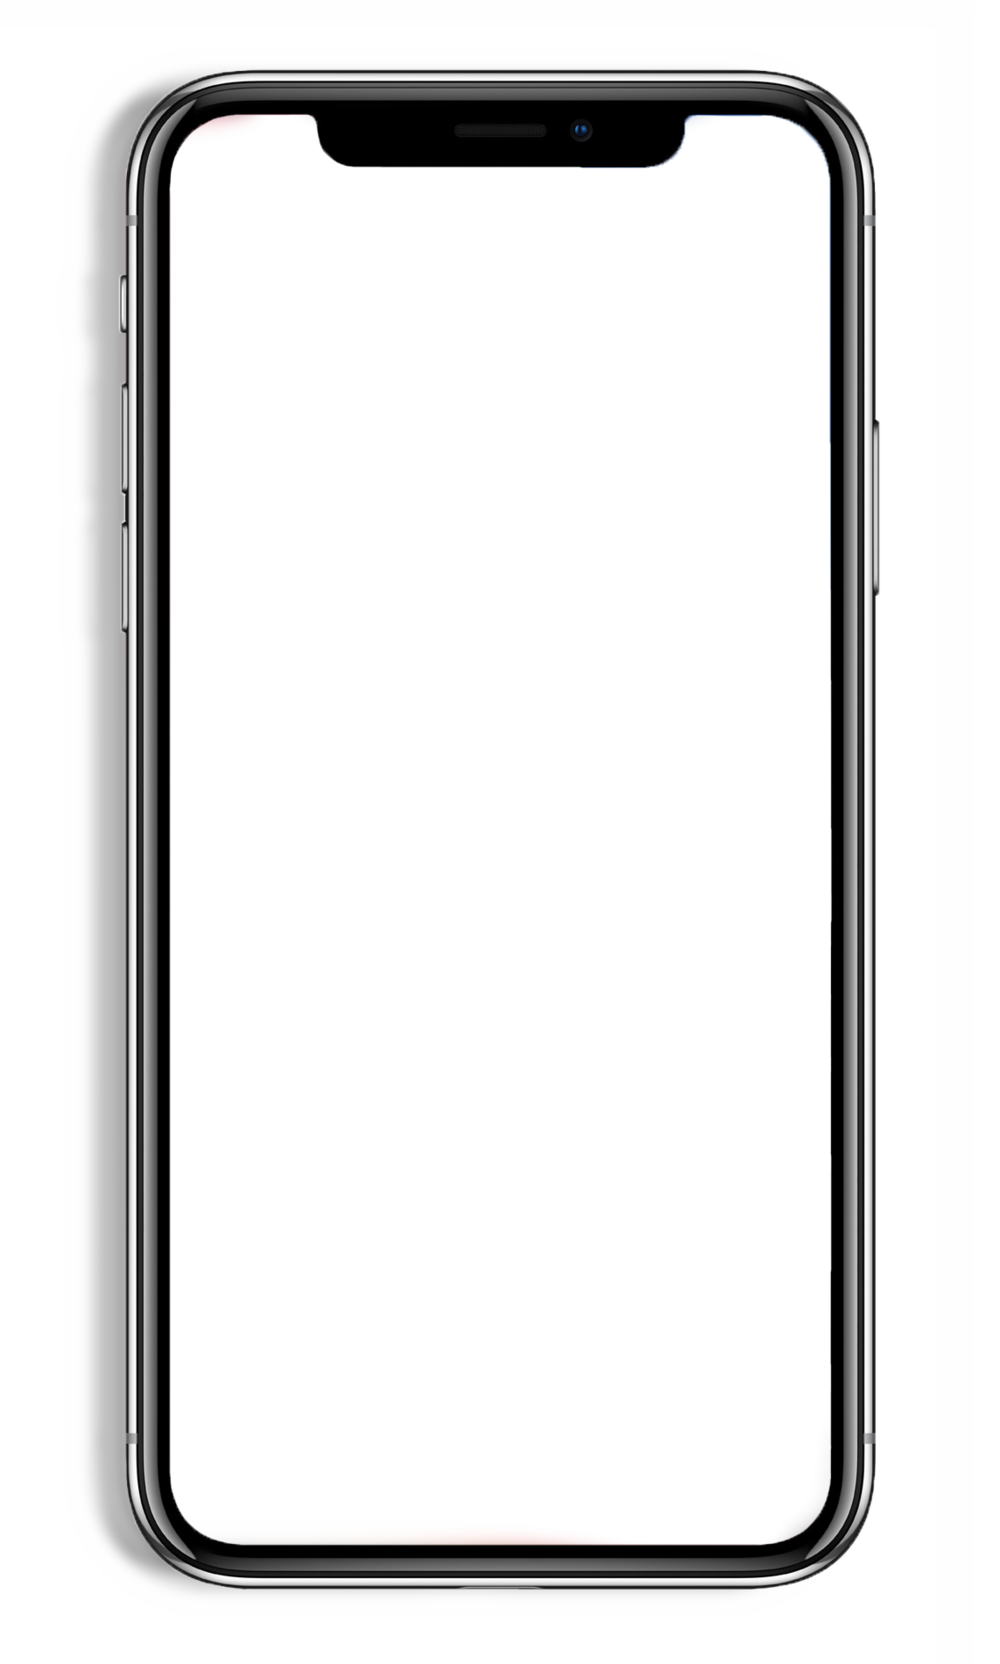 iphonex-front-homescreen.png